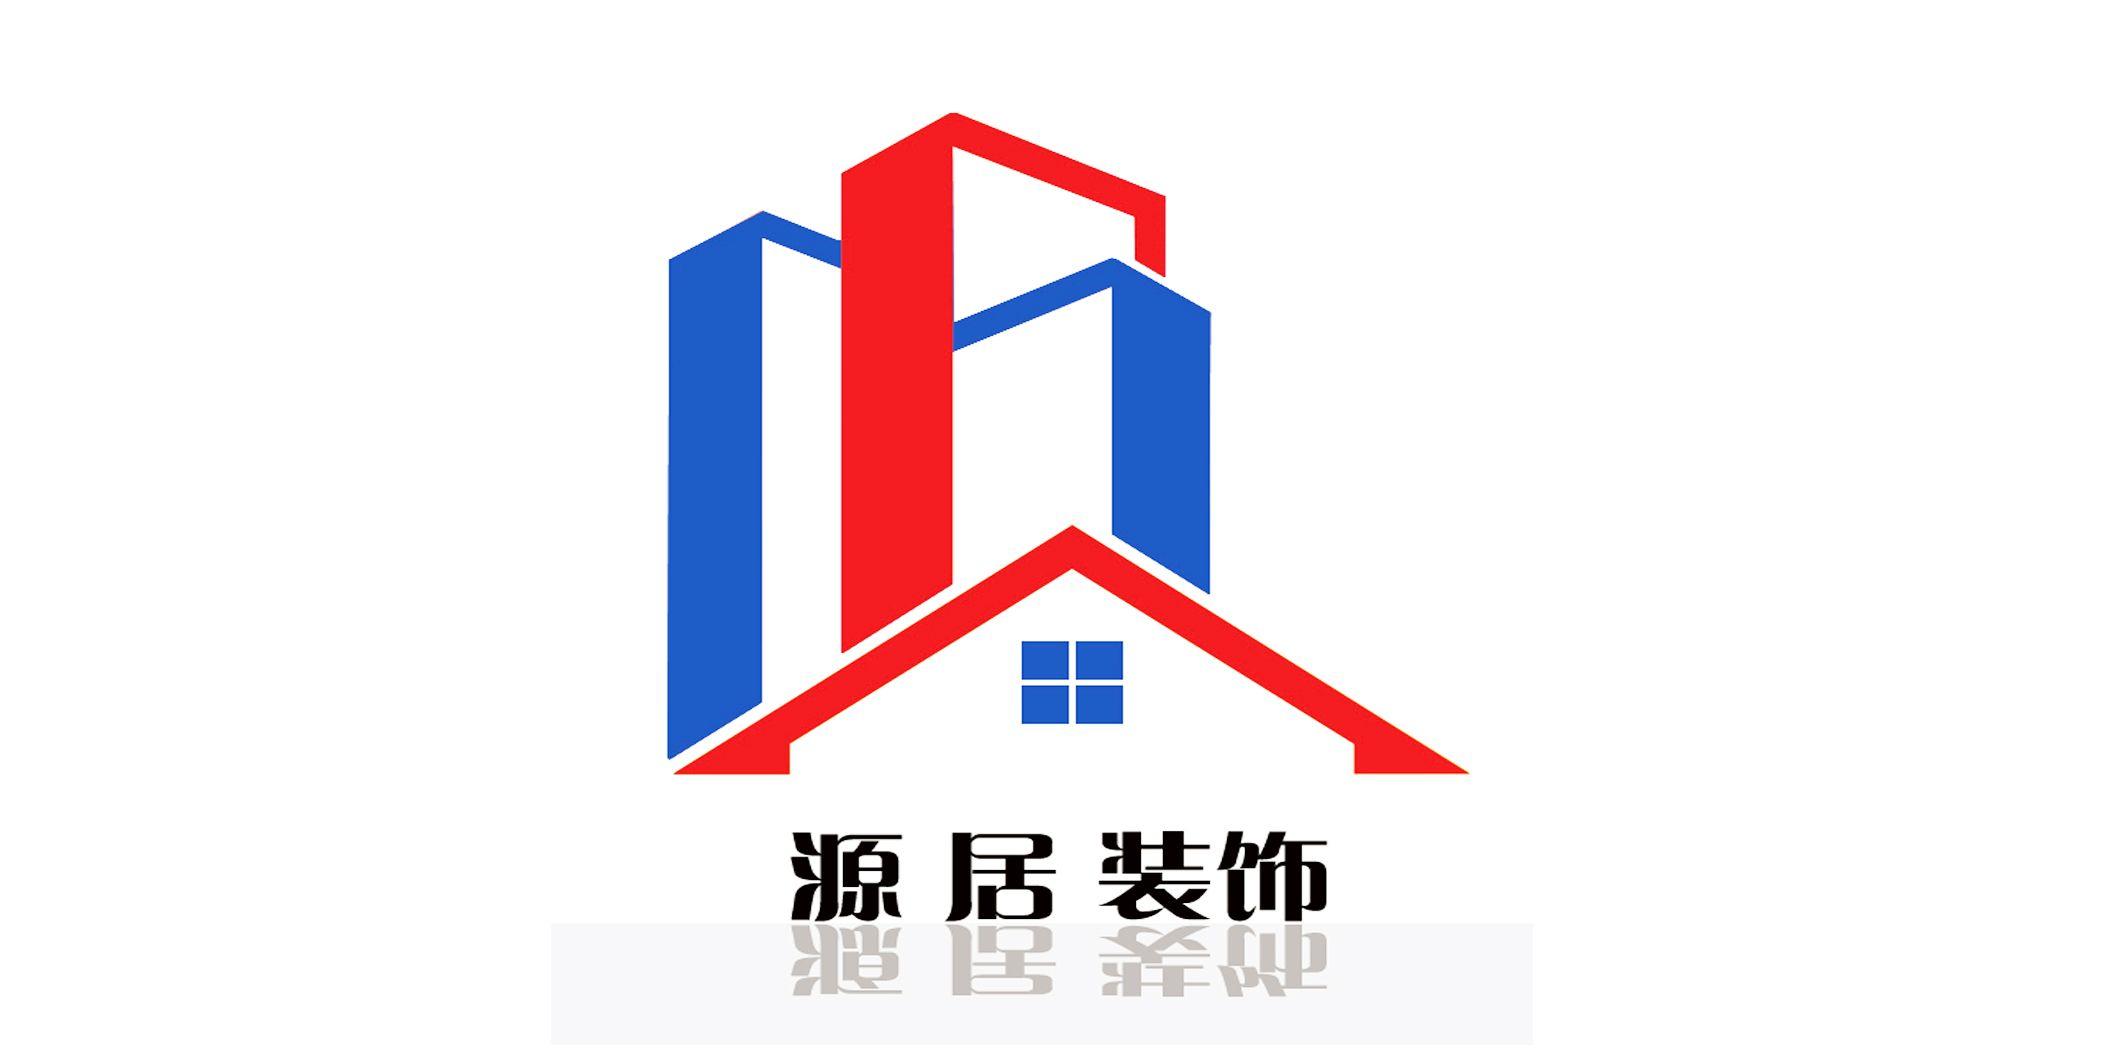 徐州源居建筑装饰工程有限公司